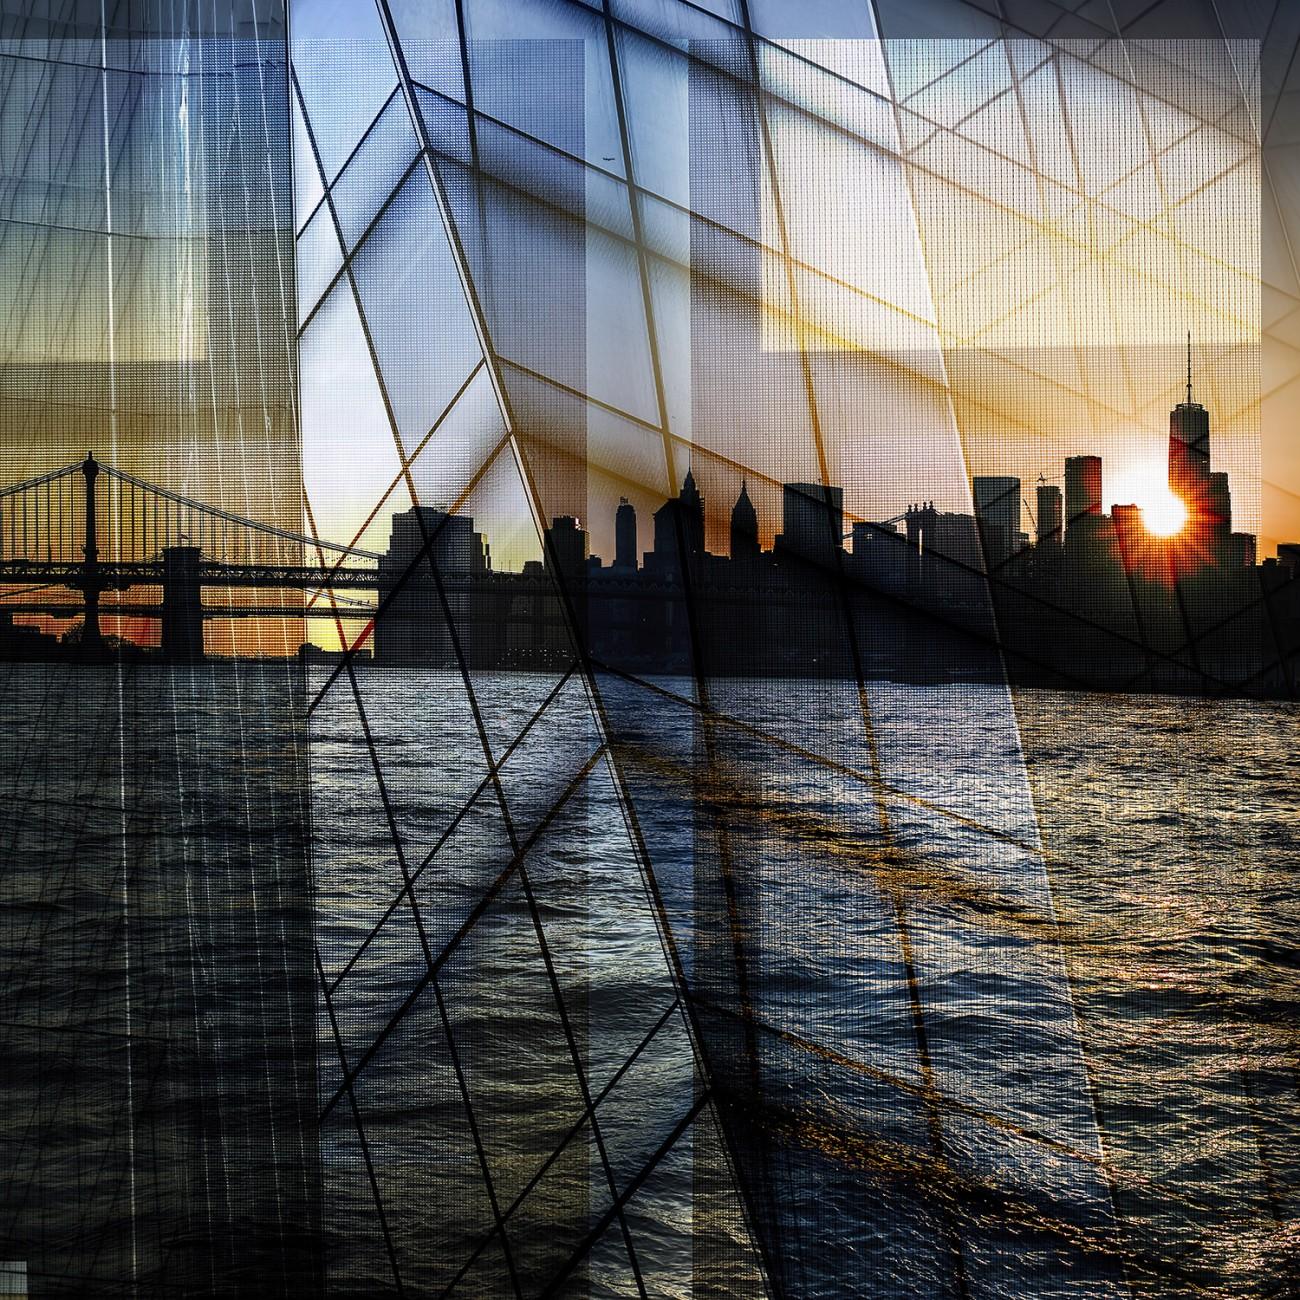 Metropolis - Island sunset, NY, 2016